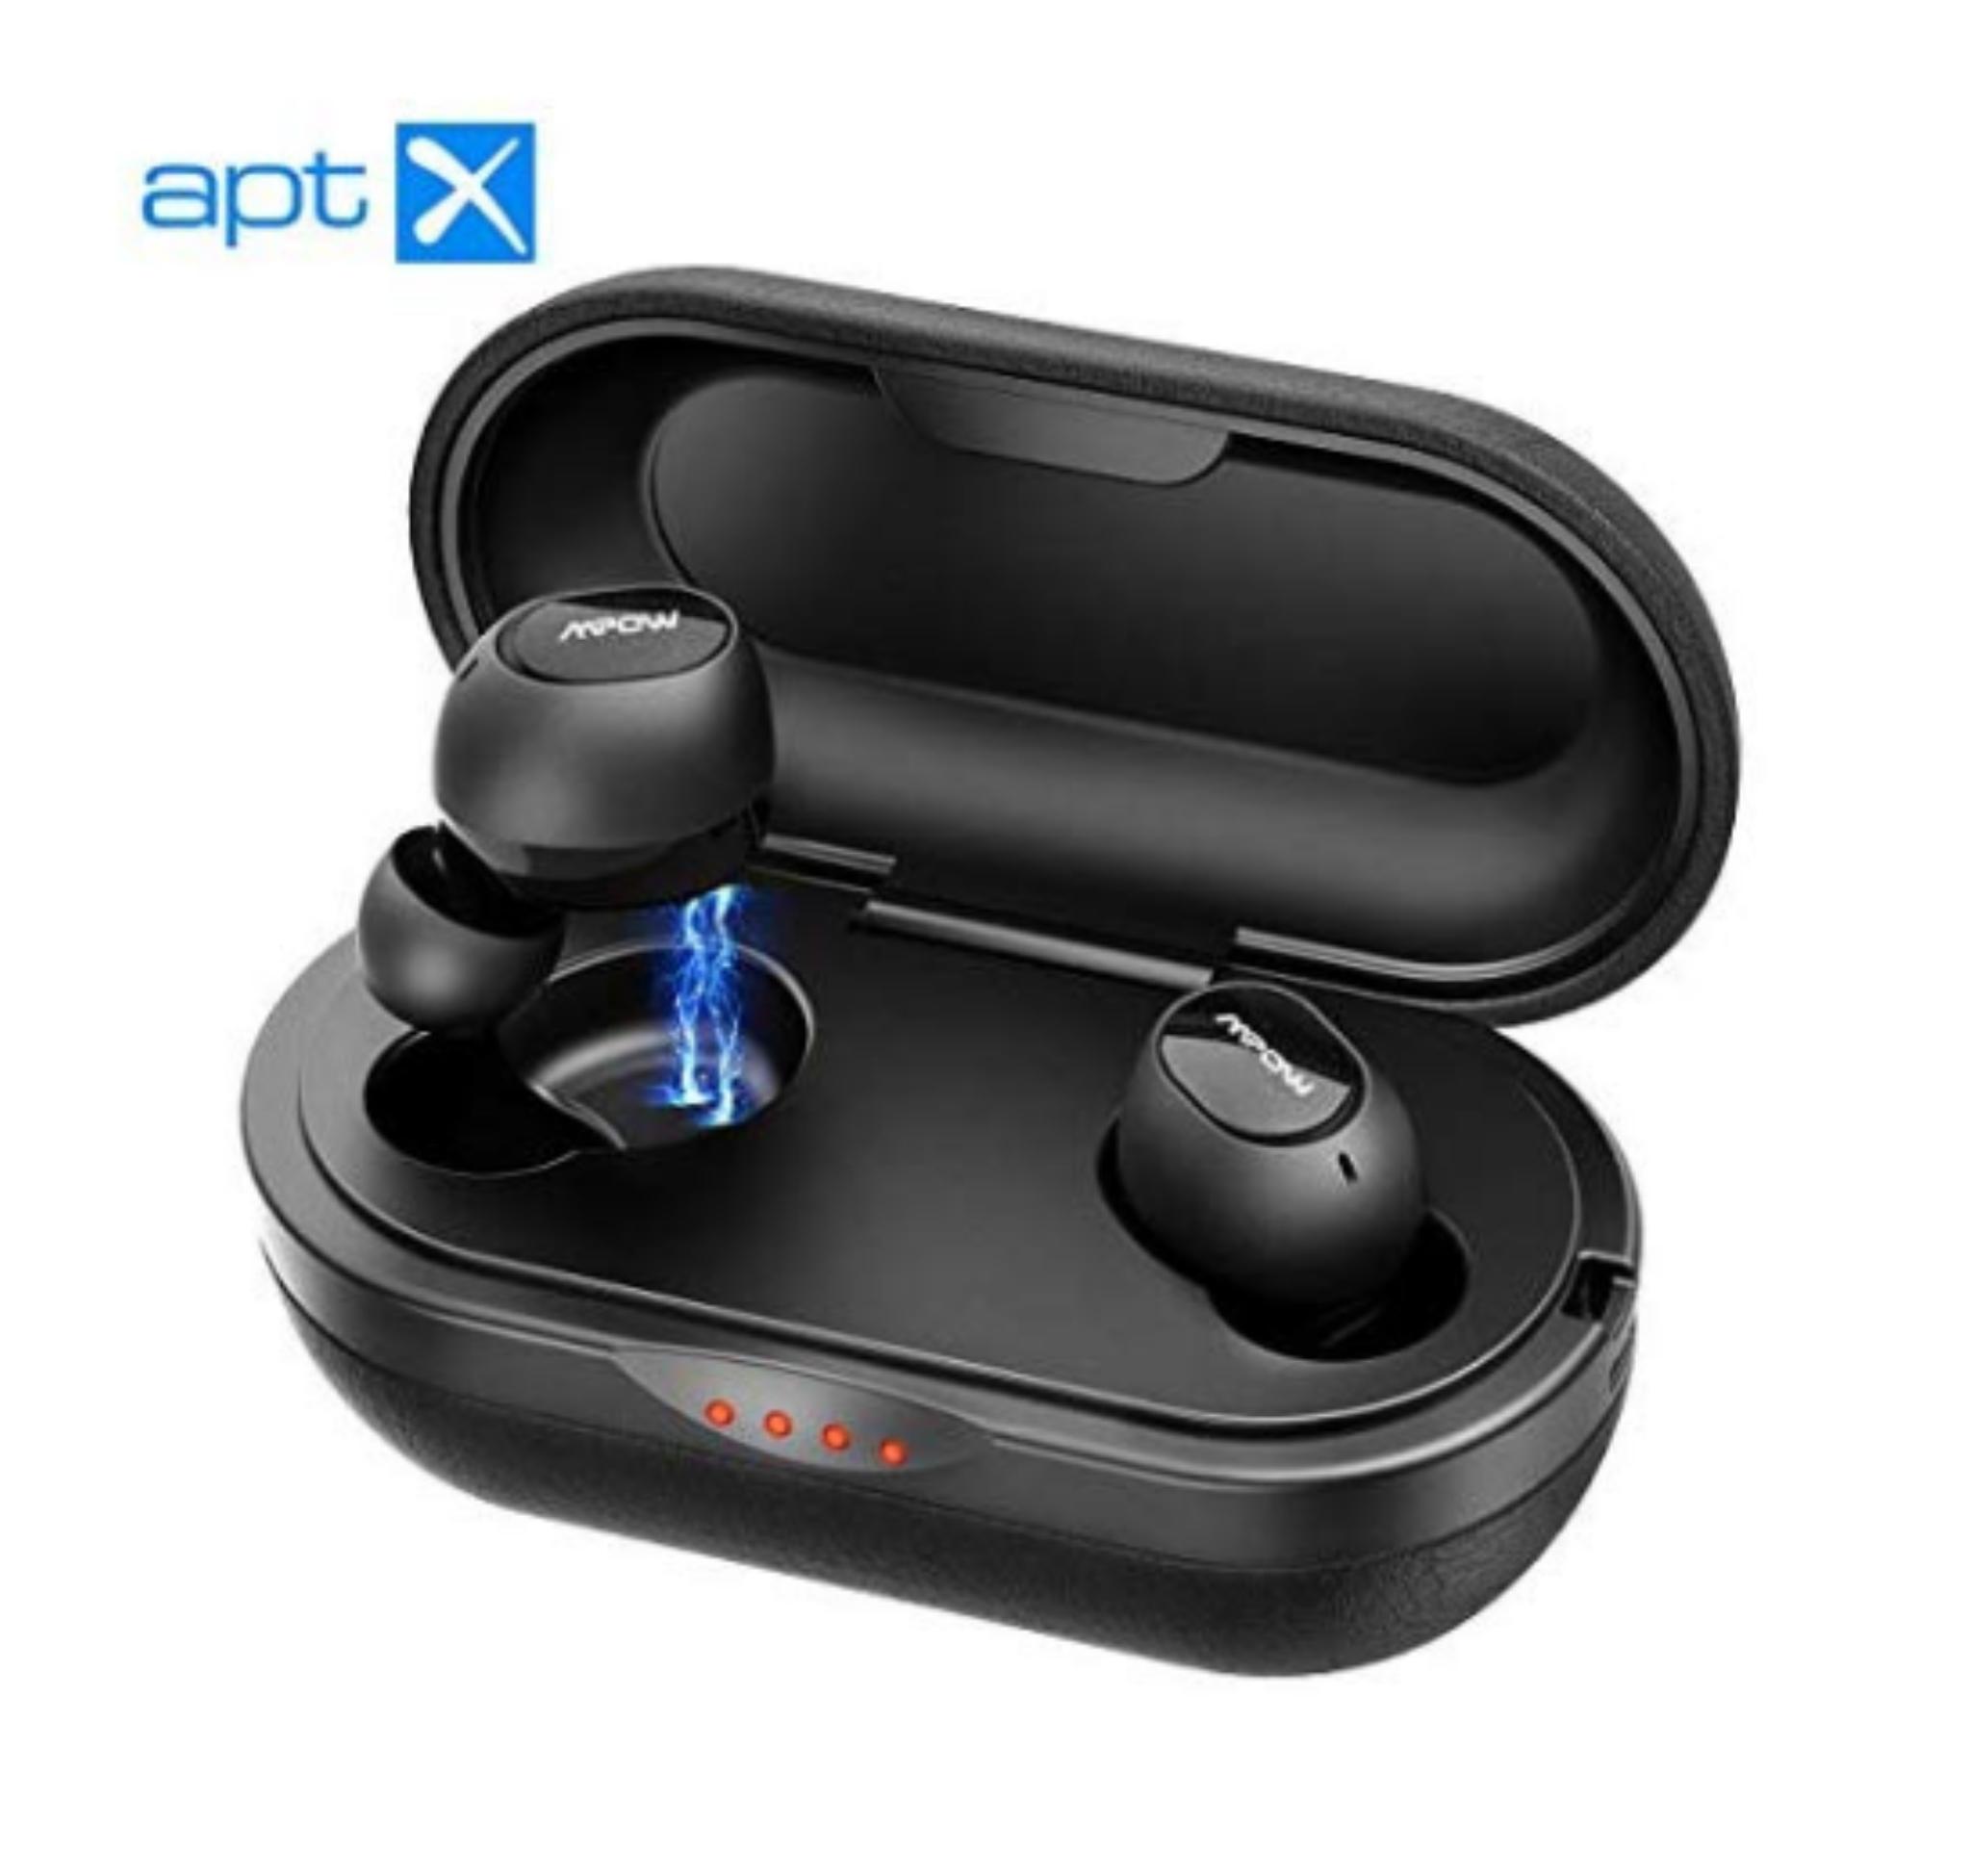 Wireless Earbuds / Earphones Waterproof Rechargeable - £26.99 - Sold by SJH EU LTD / Fulfilled by Amazon